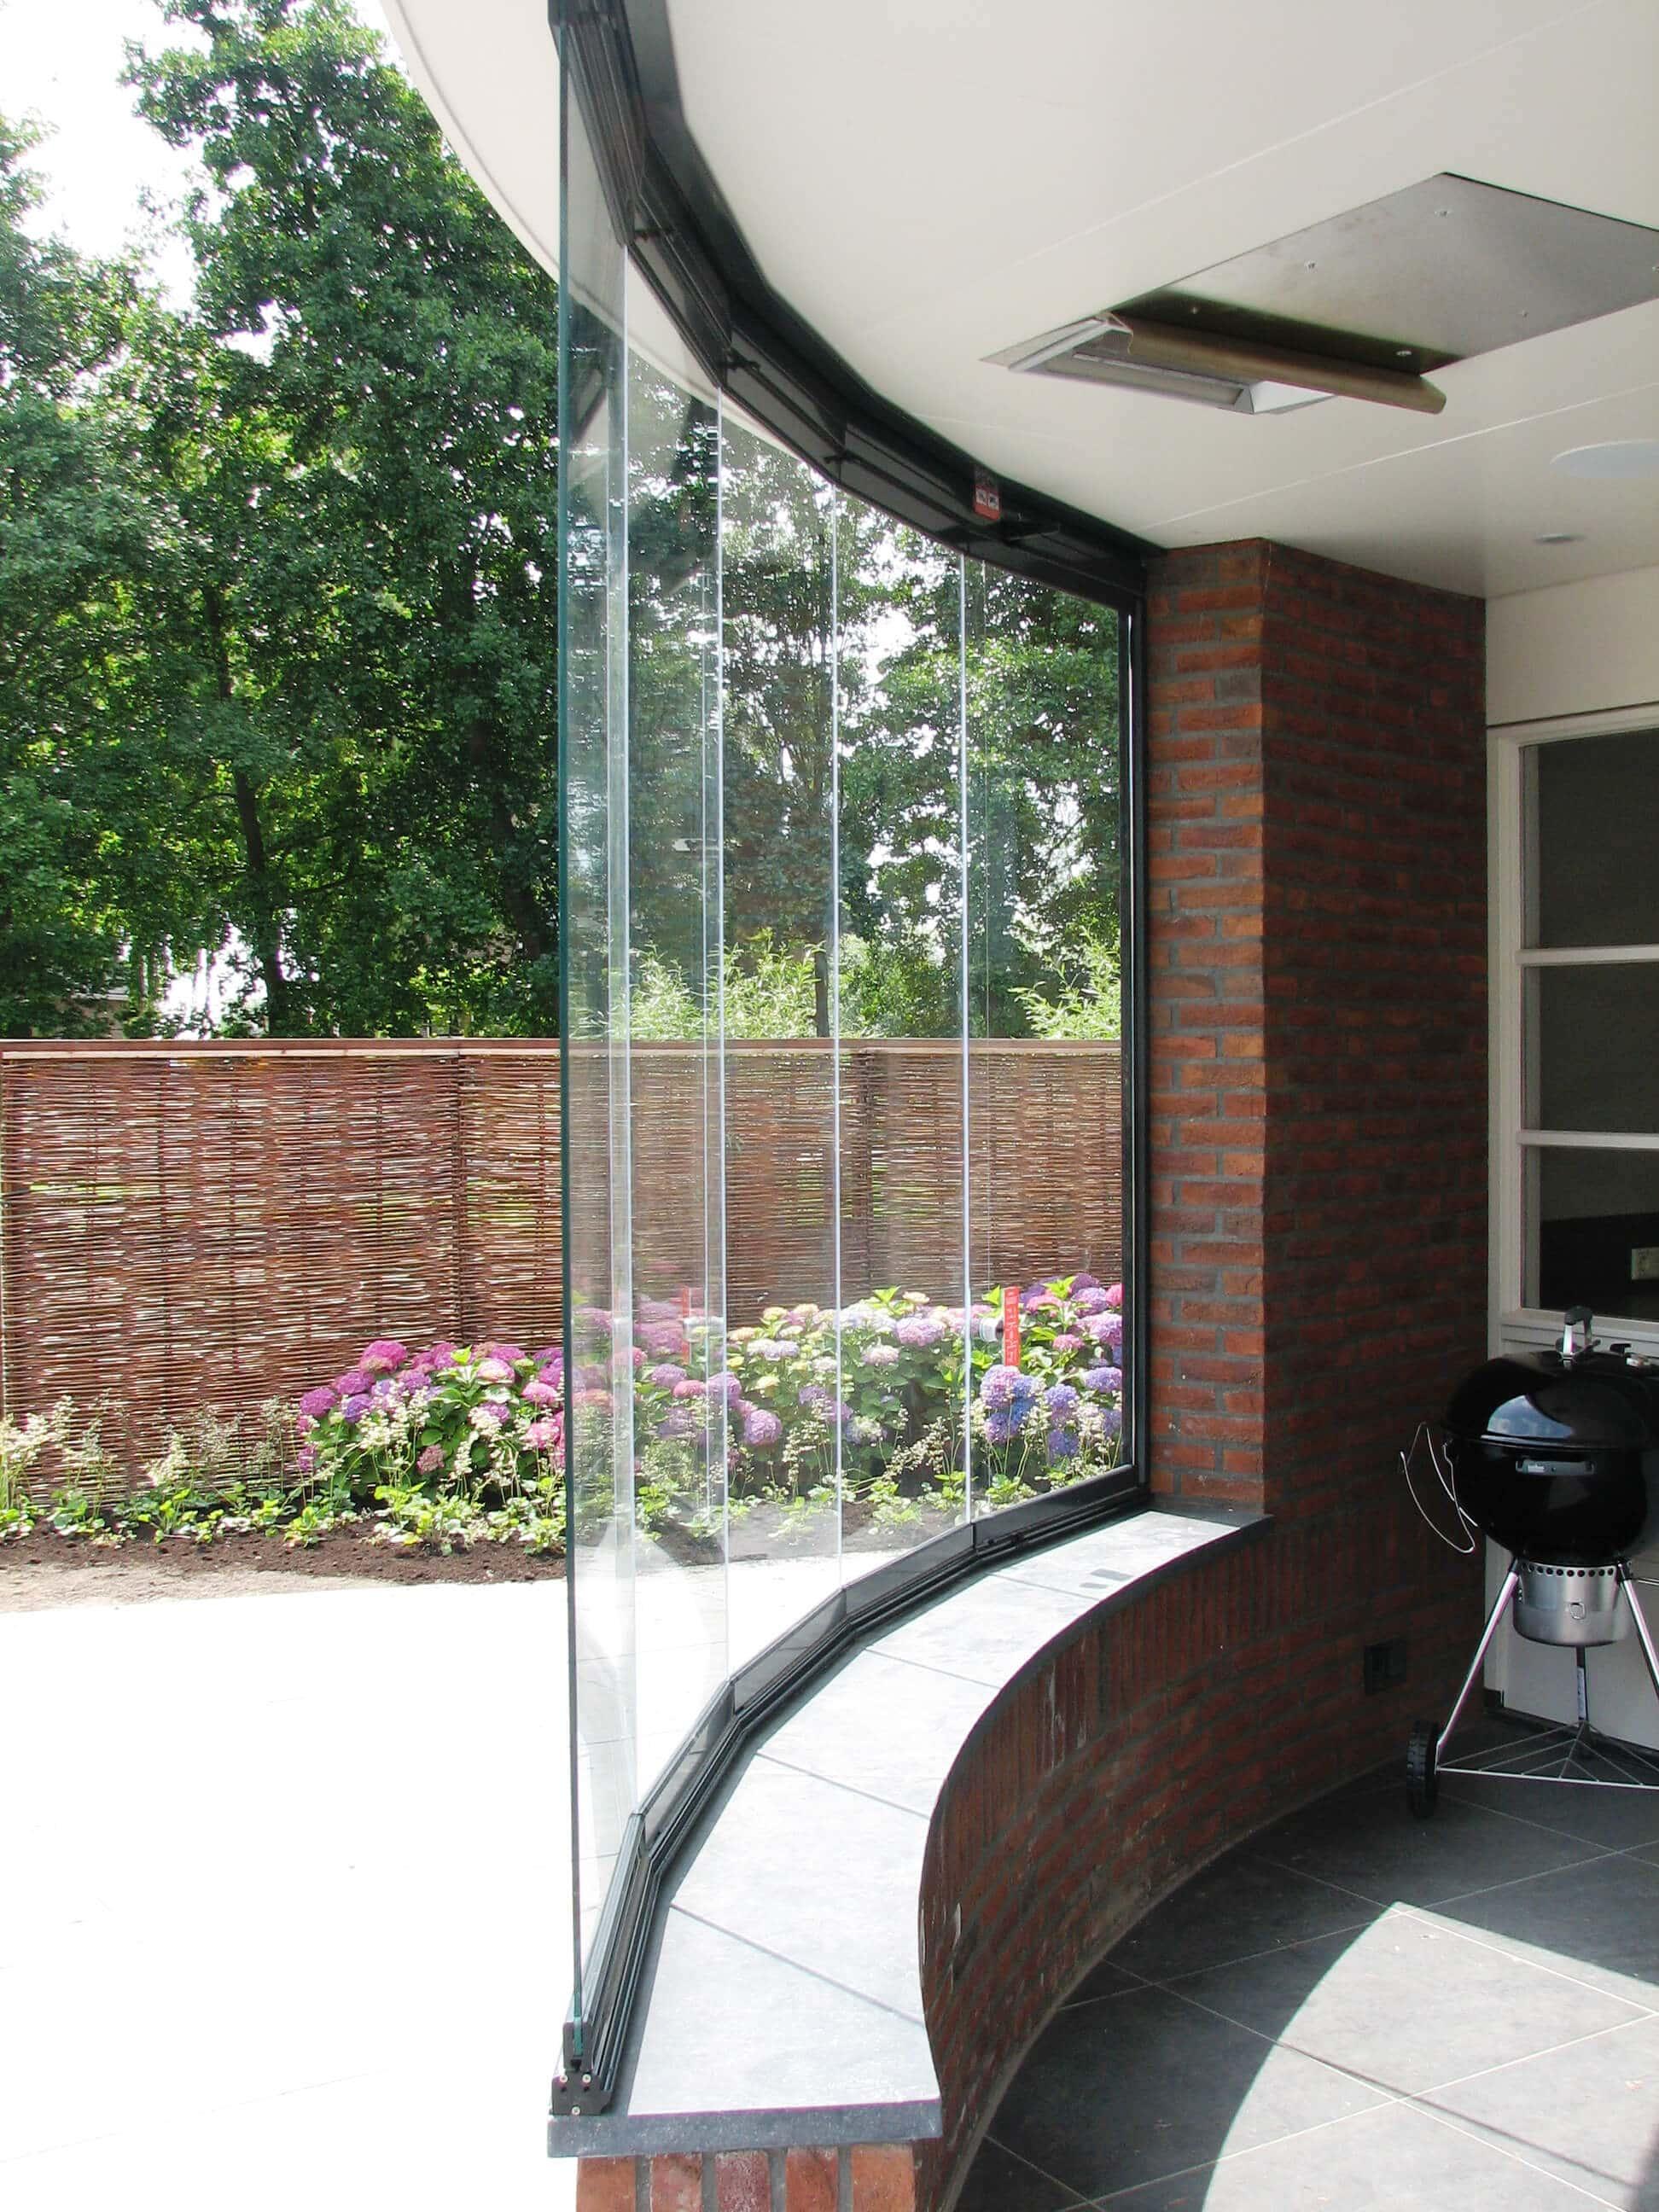 Falt-Schiebe-Fenster für Balkone